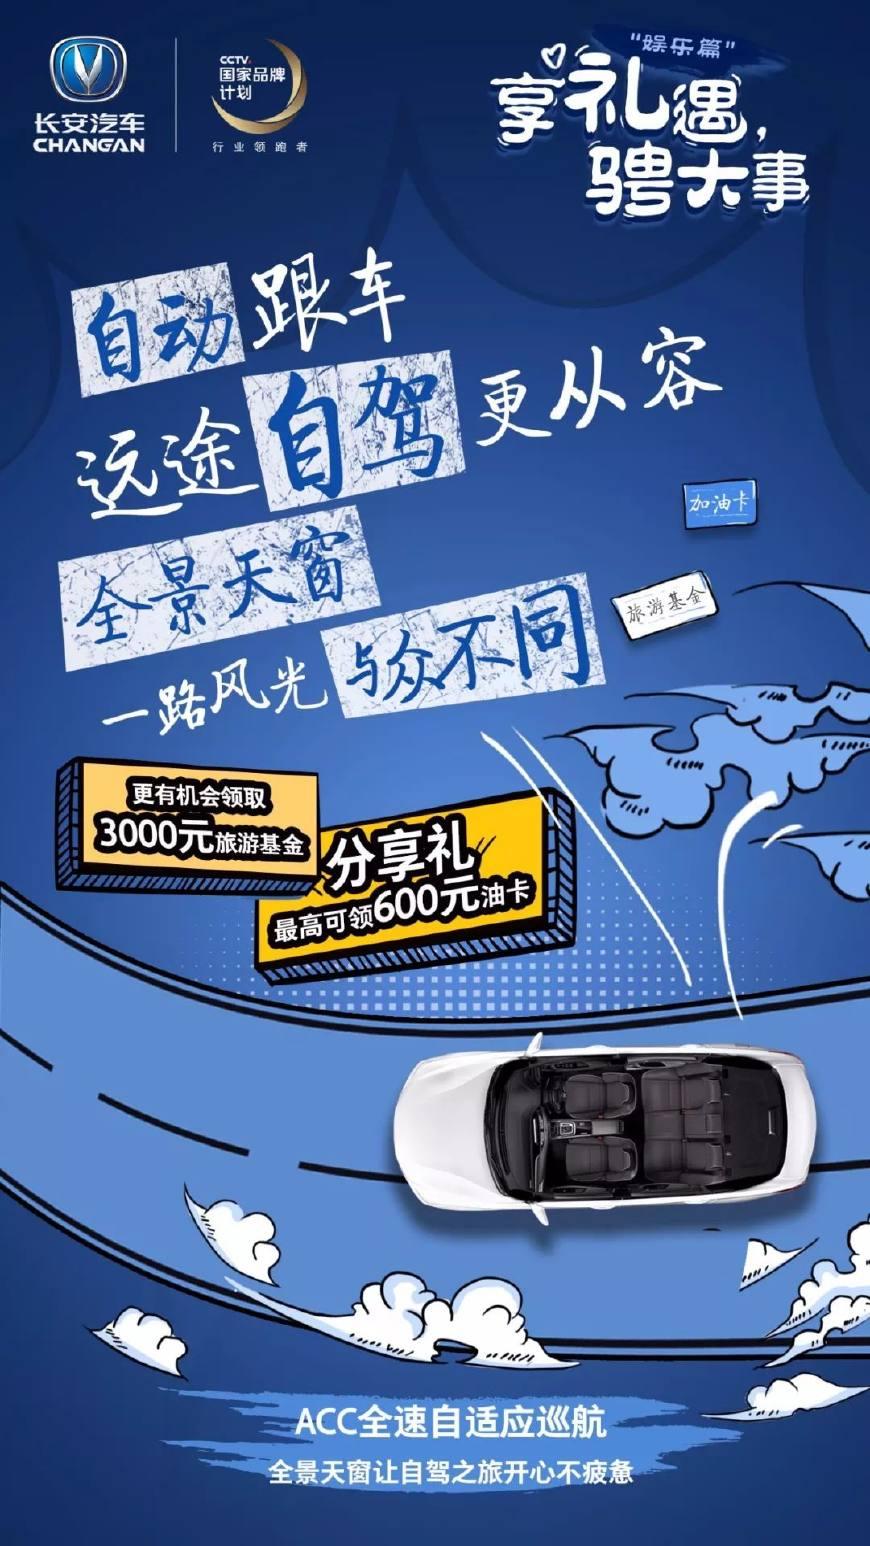 葡京唯一官方app网站 12